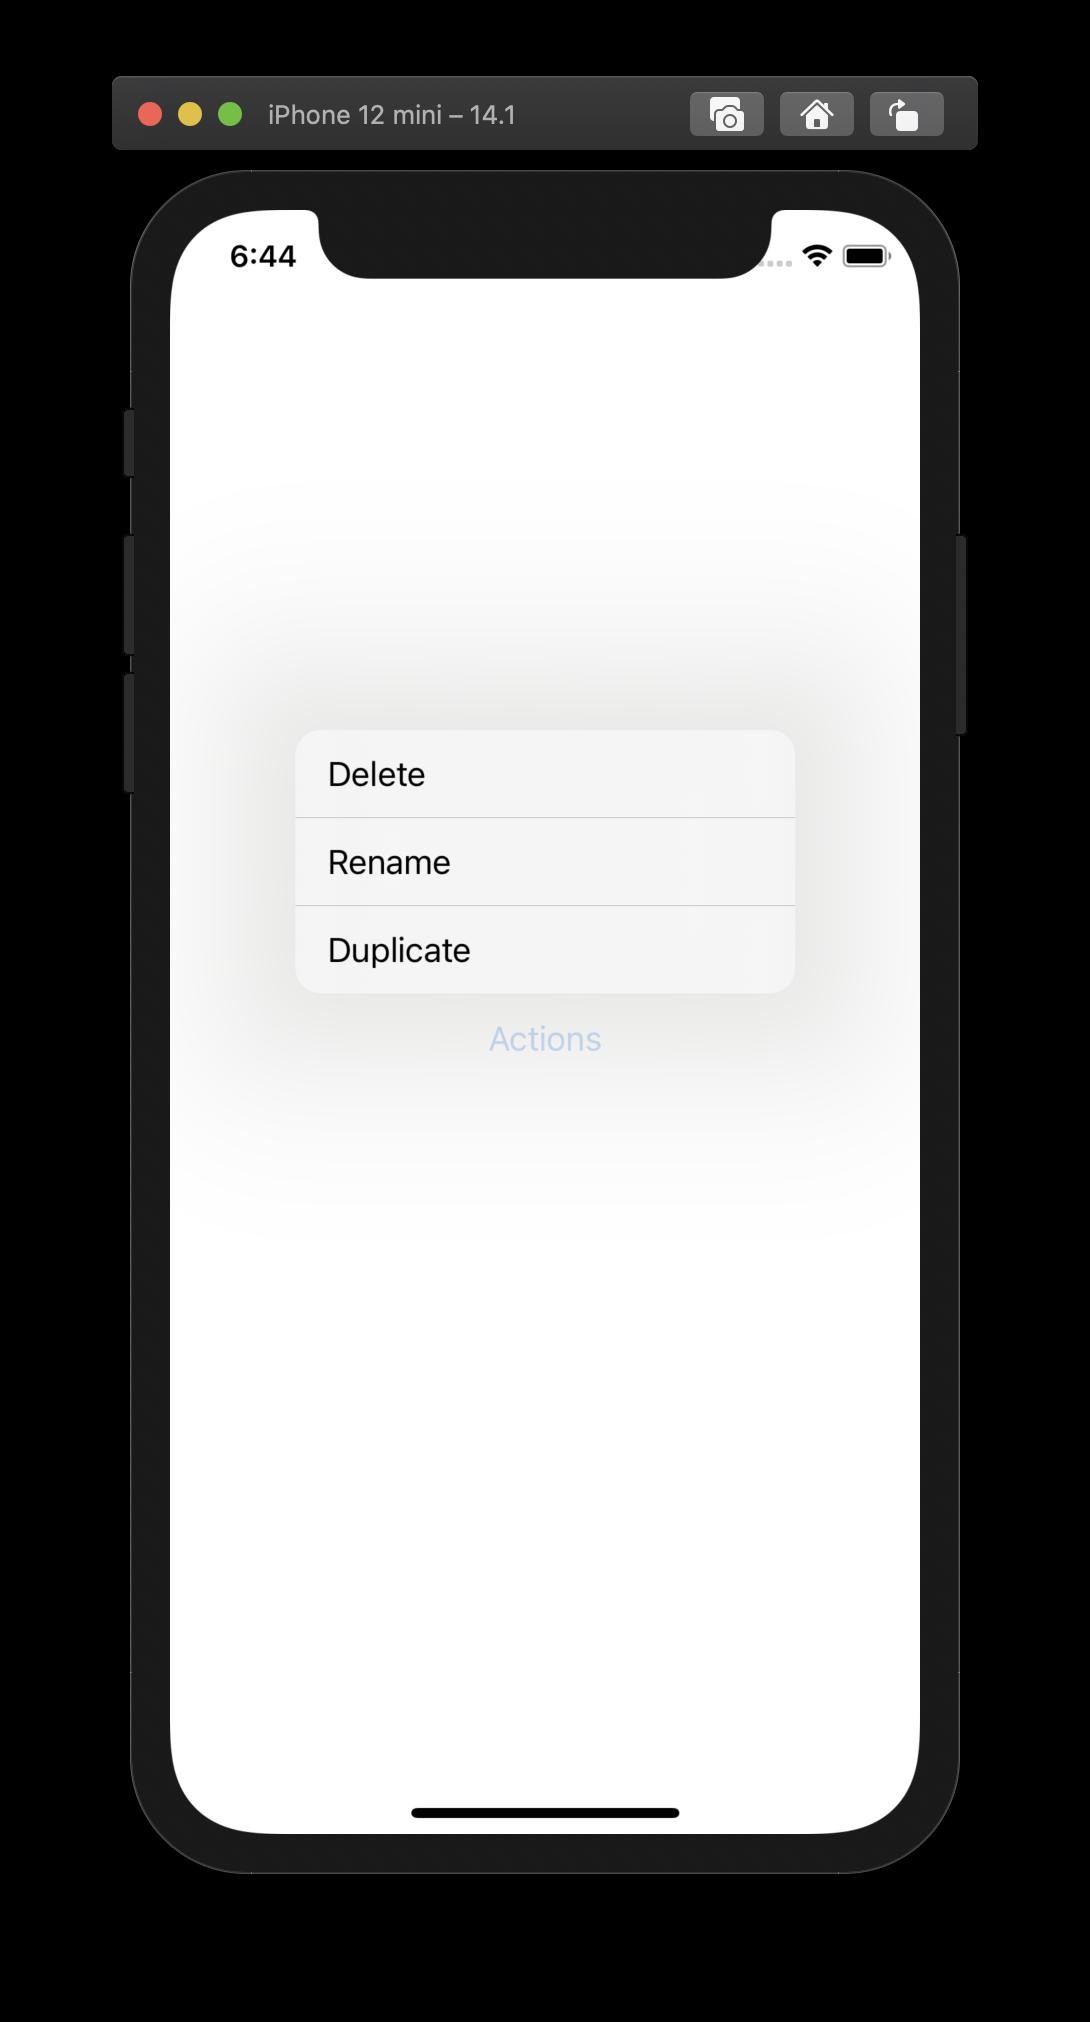 Nach Betätigung des Buttons, den die Menu-View erzeugt, erscheint das Kontextmenü mit den definierten Aktionen.